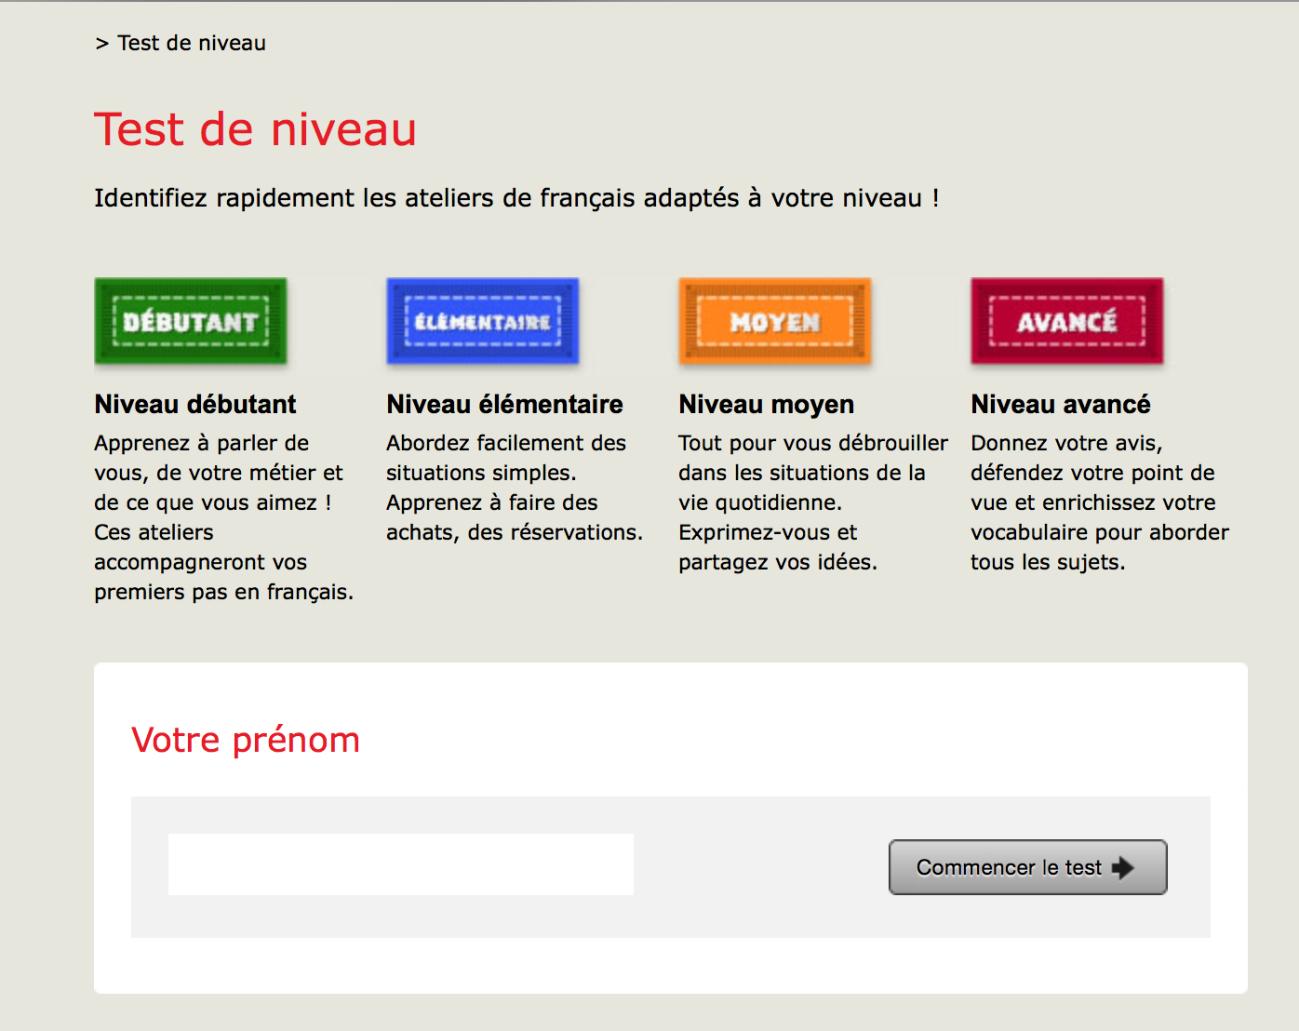 test de niveau de français tv5 monde.png